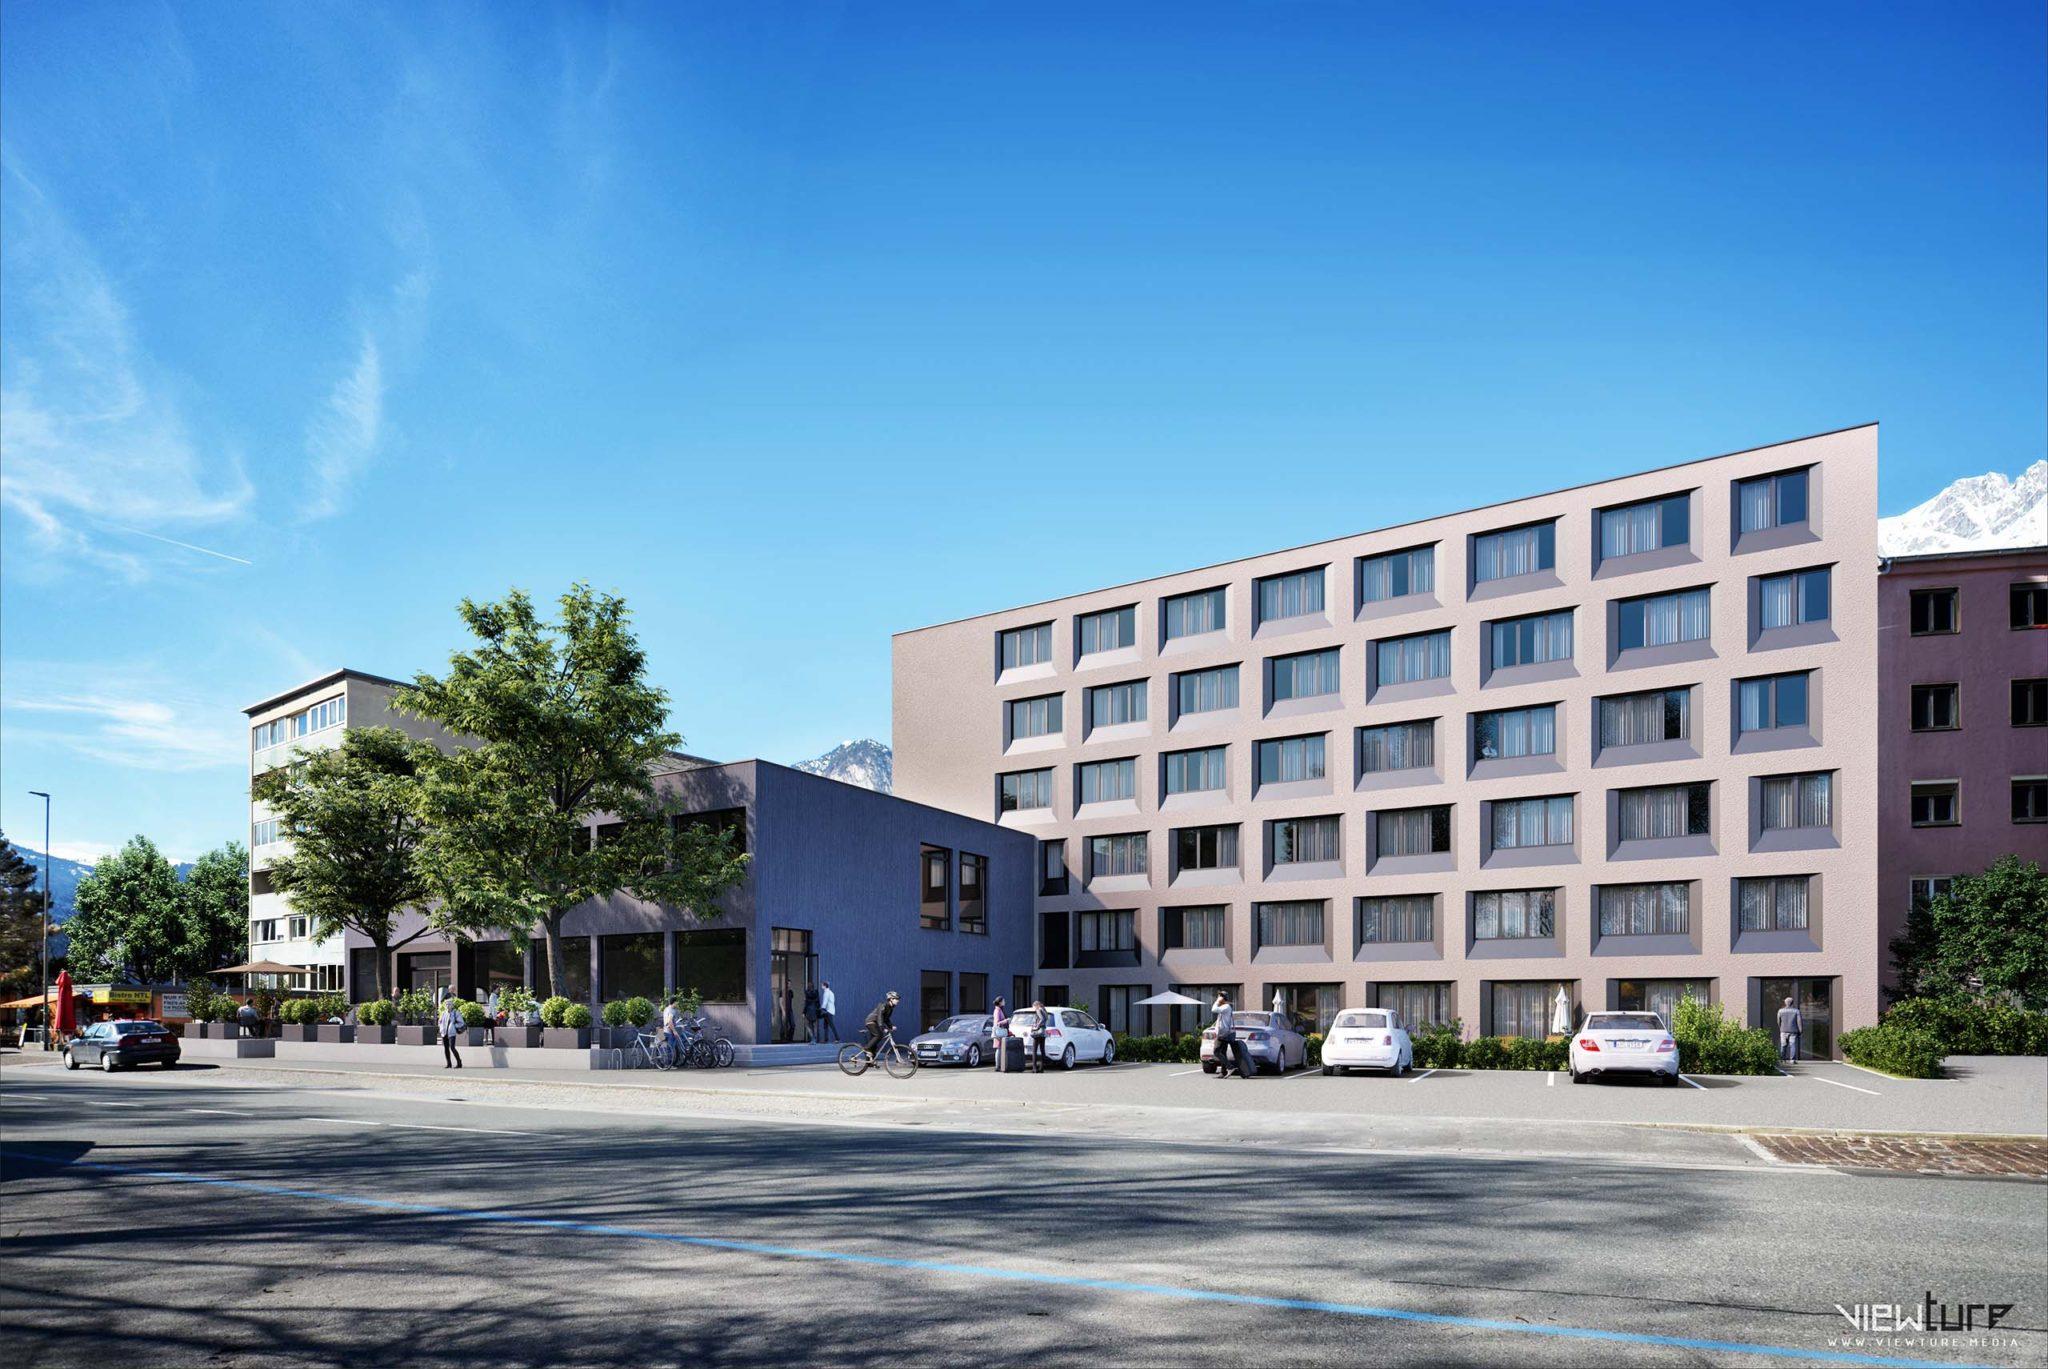 Visualisierung des umgebauten Technikerhauses in Innsbruck